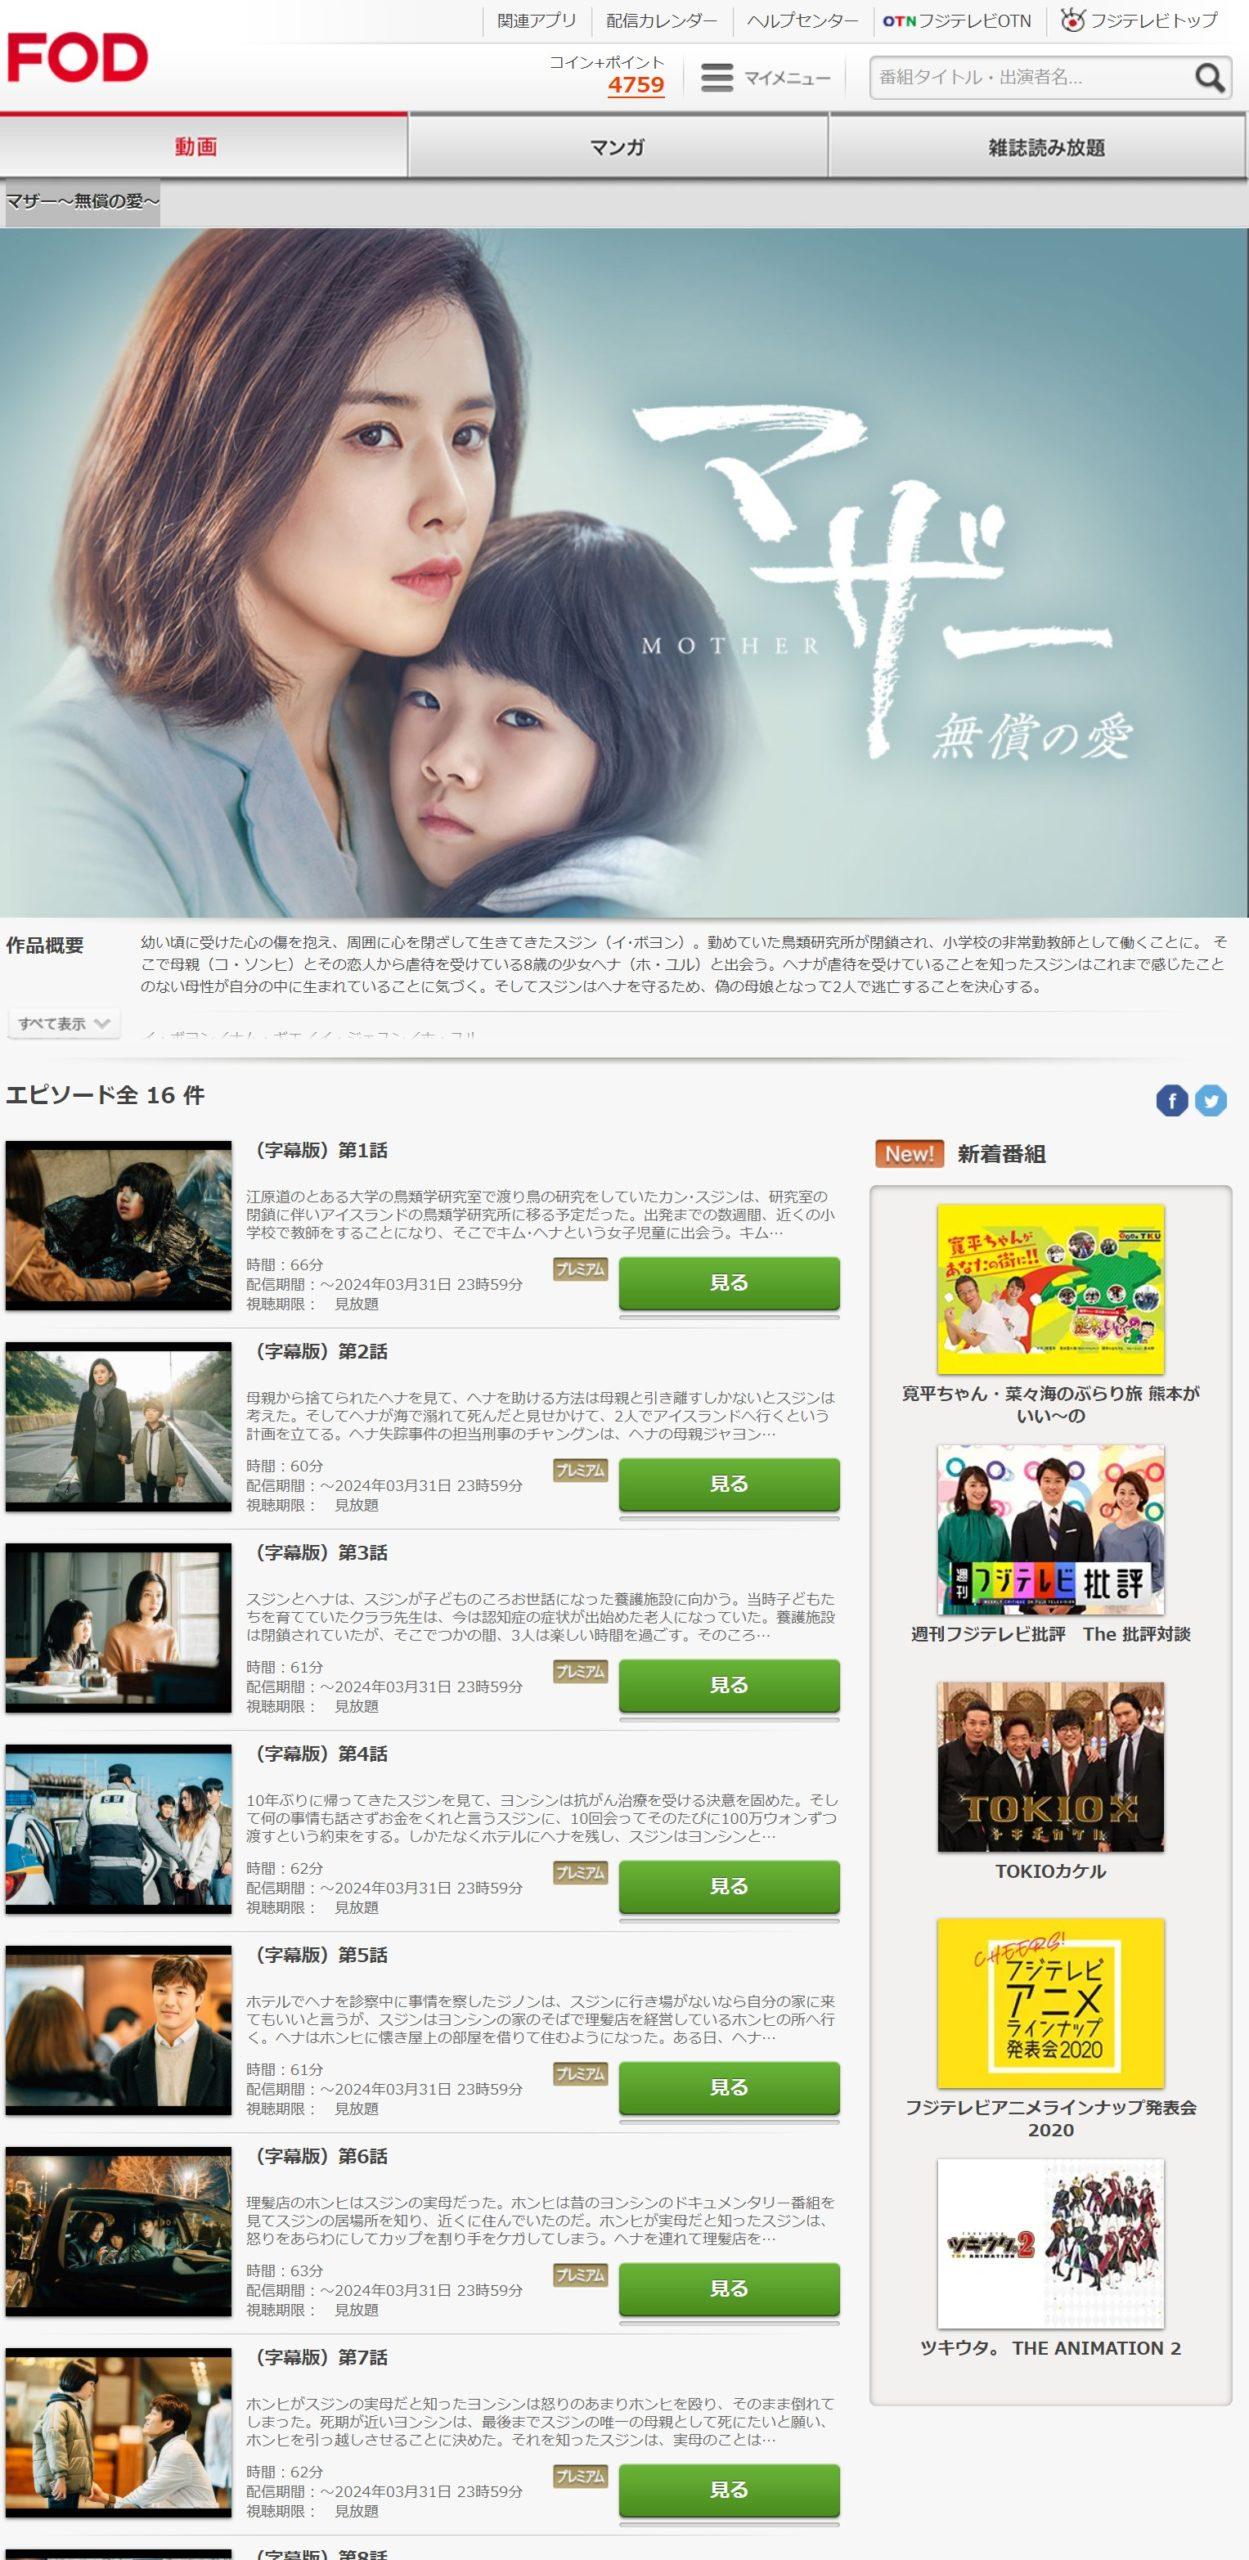 マザー(韓国ドラマ)の動画無料視聴方法FOD